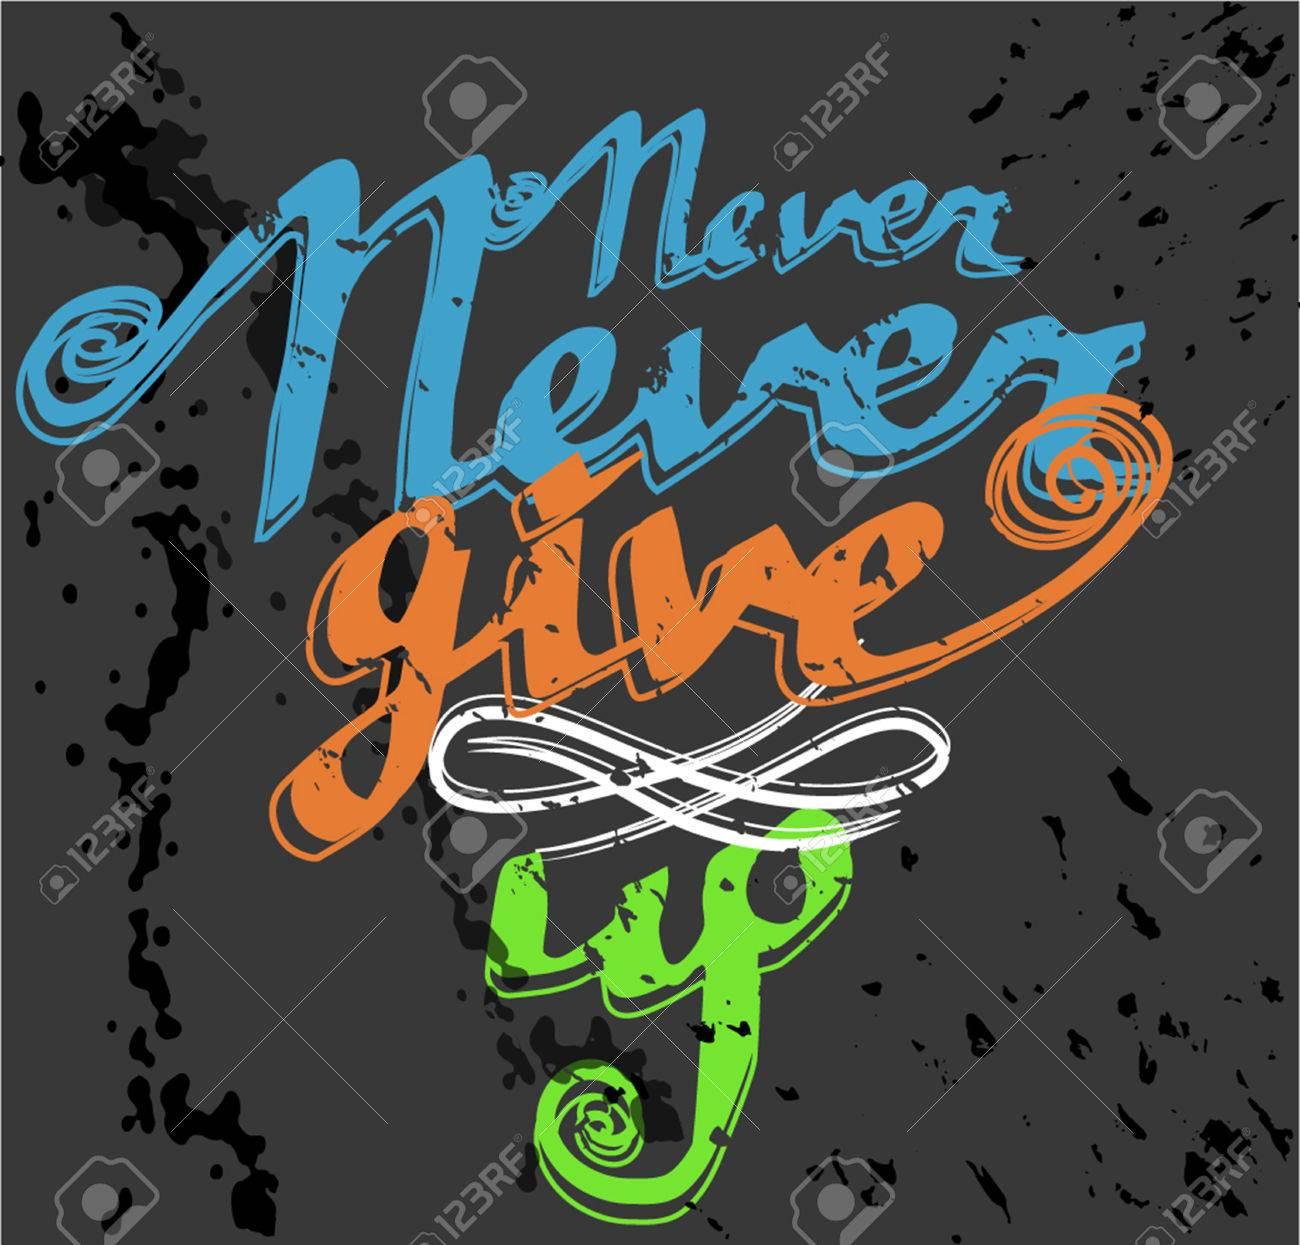 Color art tipografia - Foto De Archivo Mano Cartel De La Tipograf A Dibujada Nunca Darse Por Vencido En El Color